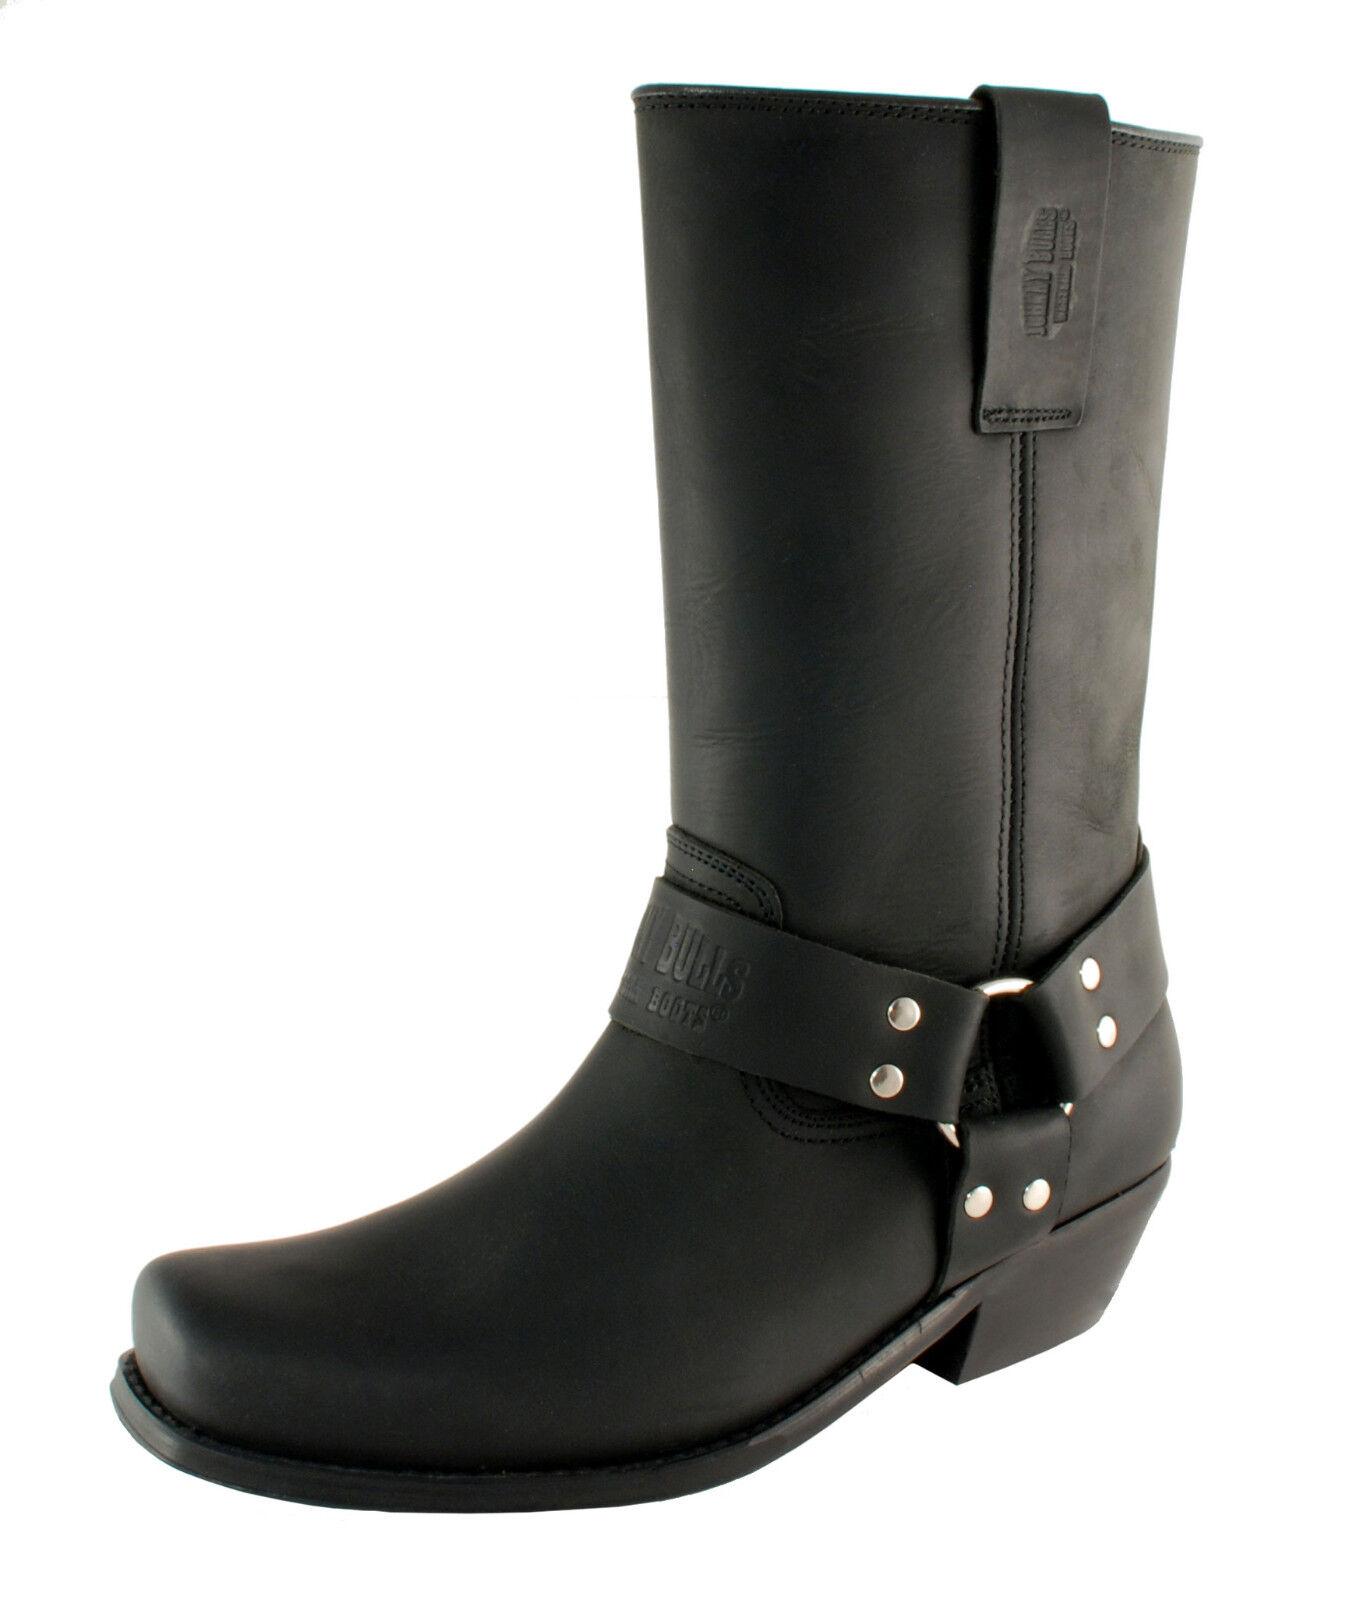 botas Motocicleta para hombre de cuero negro de vaquero nosotros tamaño 11 hecho en España Johnny Bulls